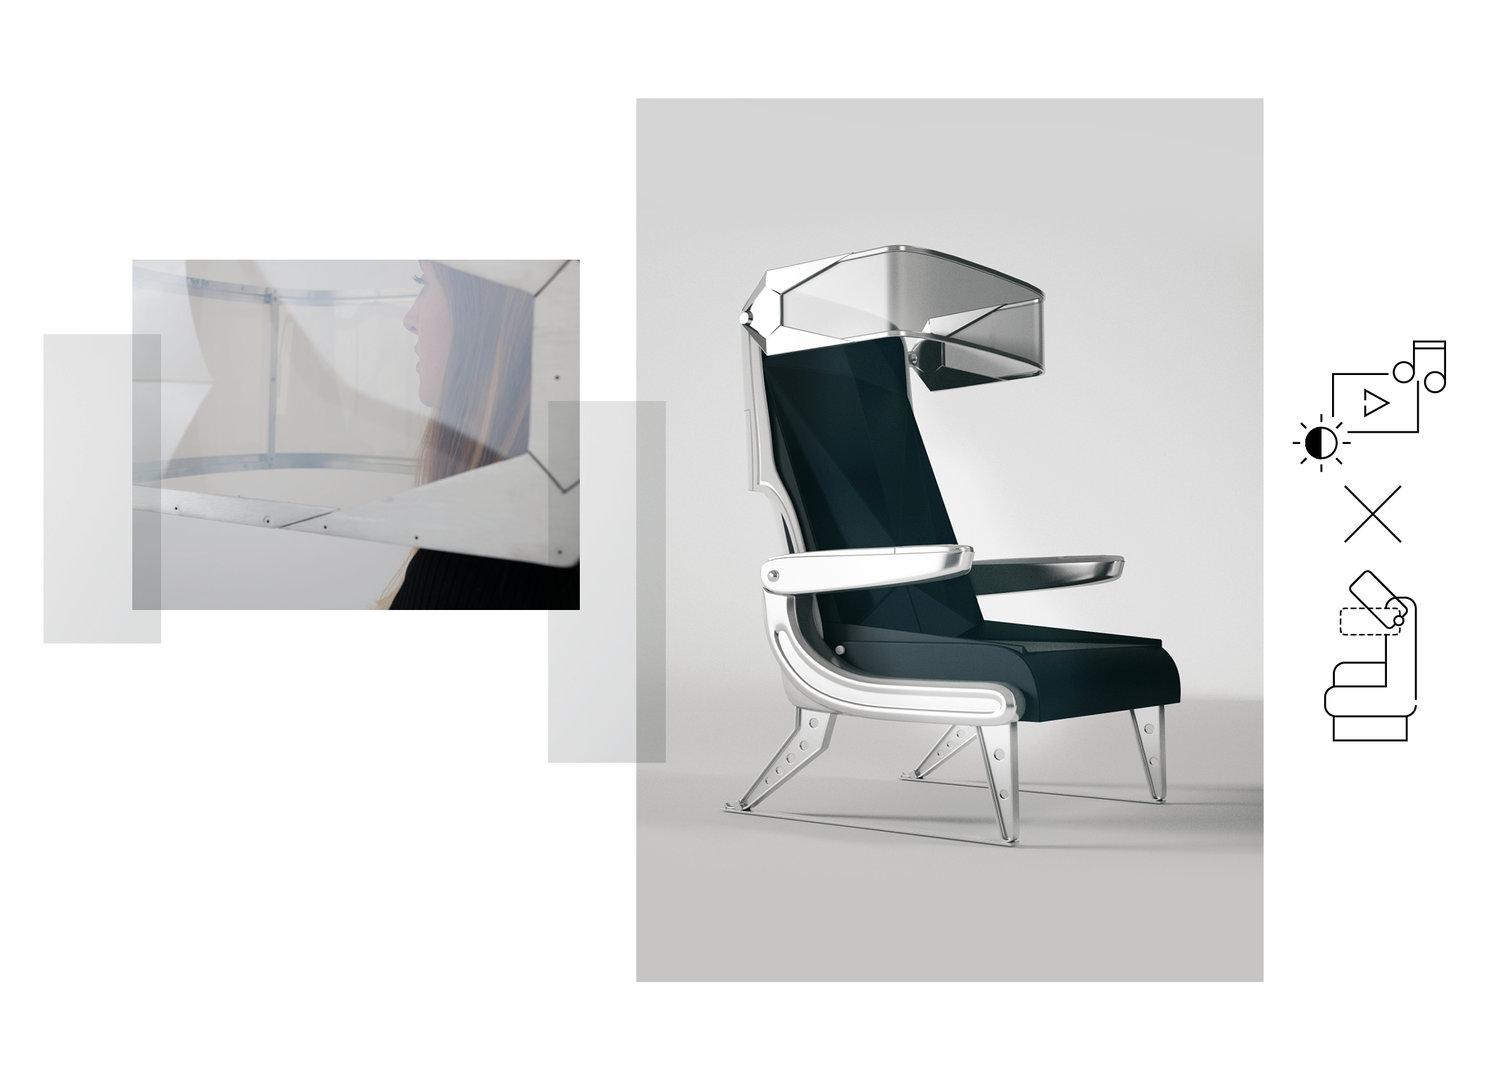 Prototyp des Teams Smart Chair